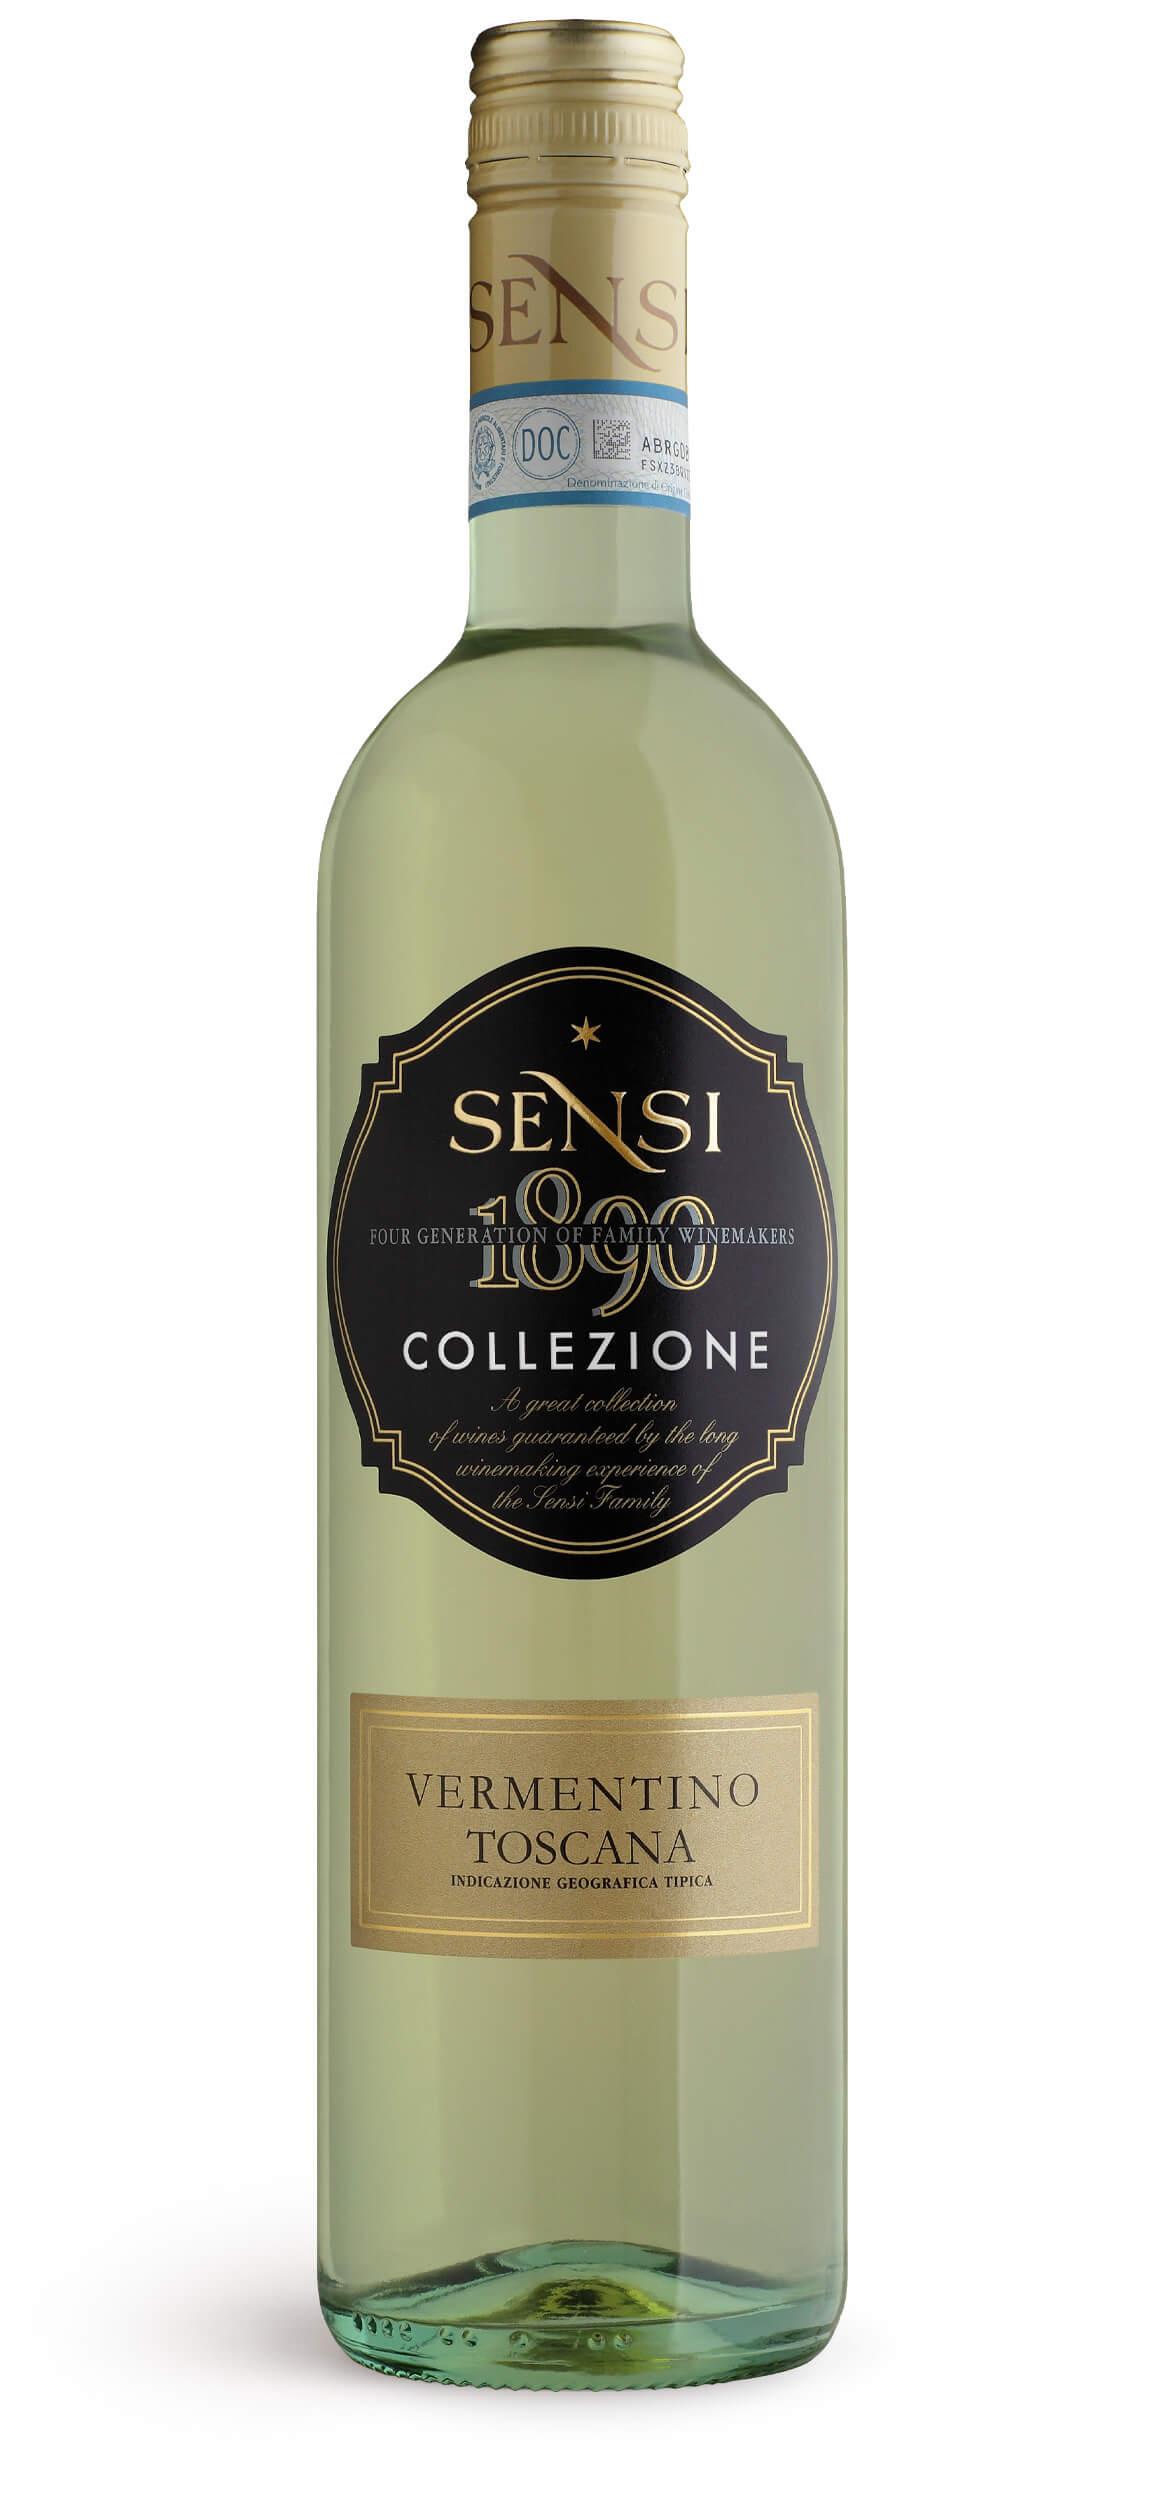 Collezione Pinot Grigio delle Venezie DOC